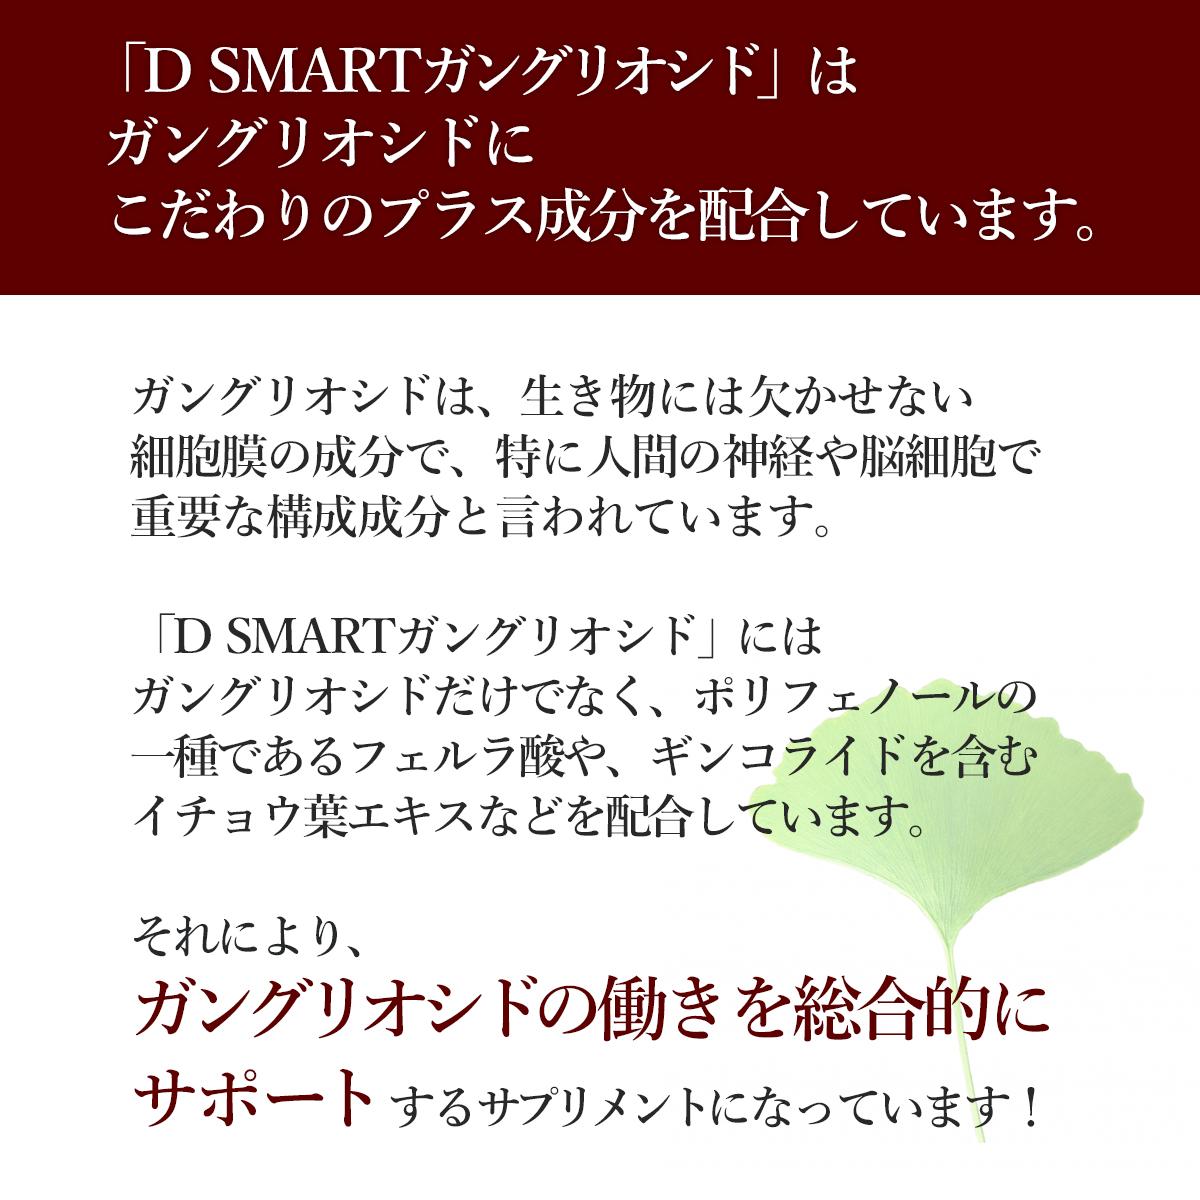 【定期購入】D SMARTガングリオシド(イチョウ葉エキス&フェルラ酸+)